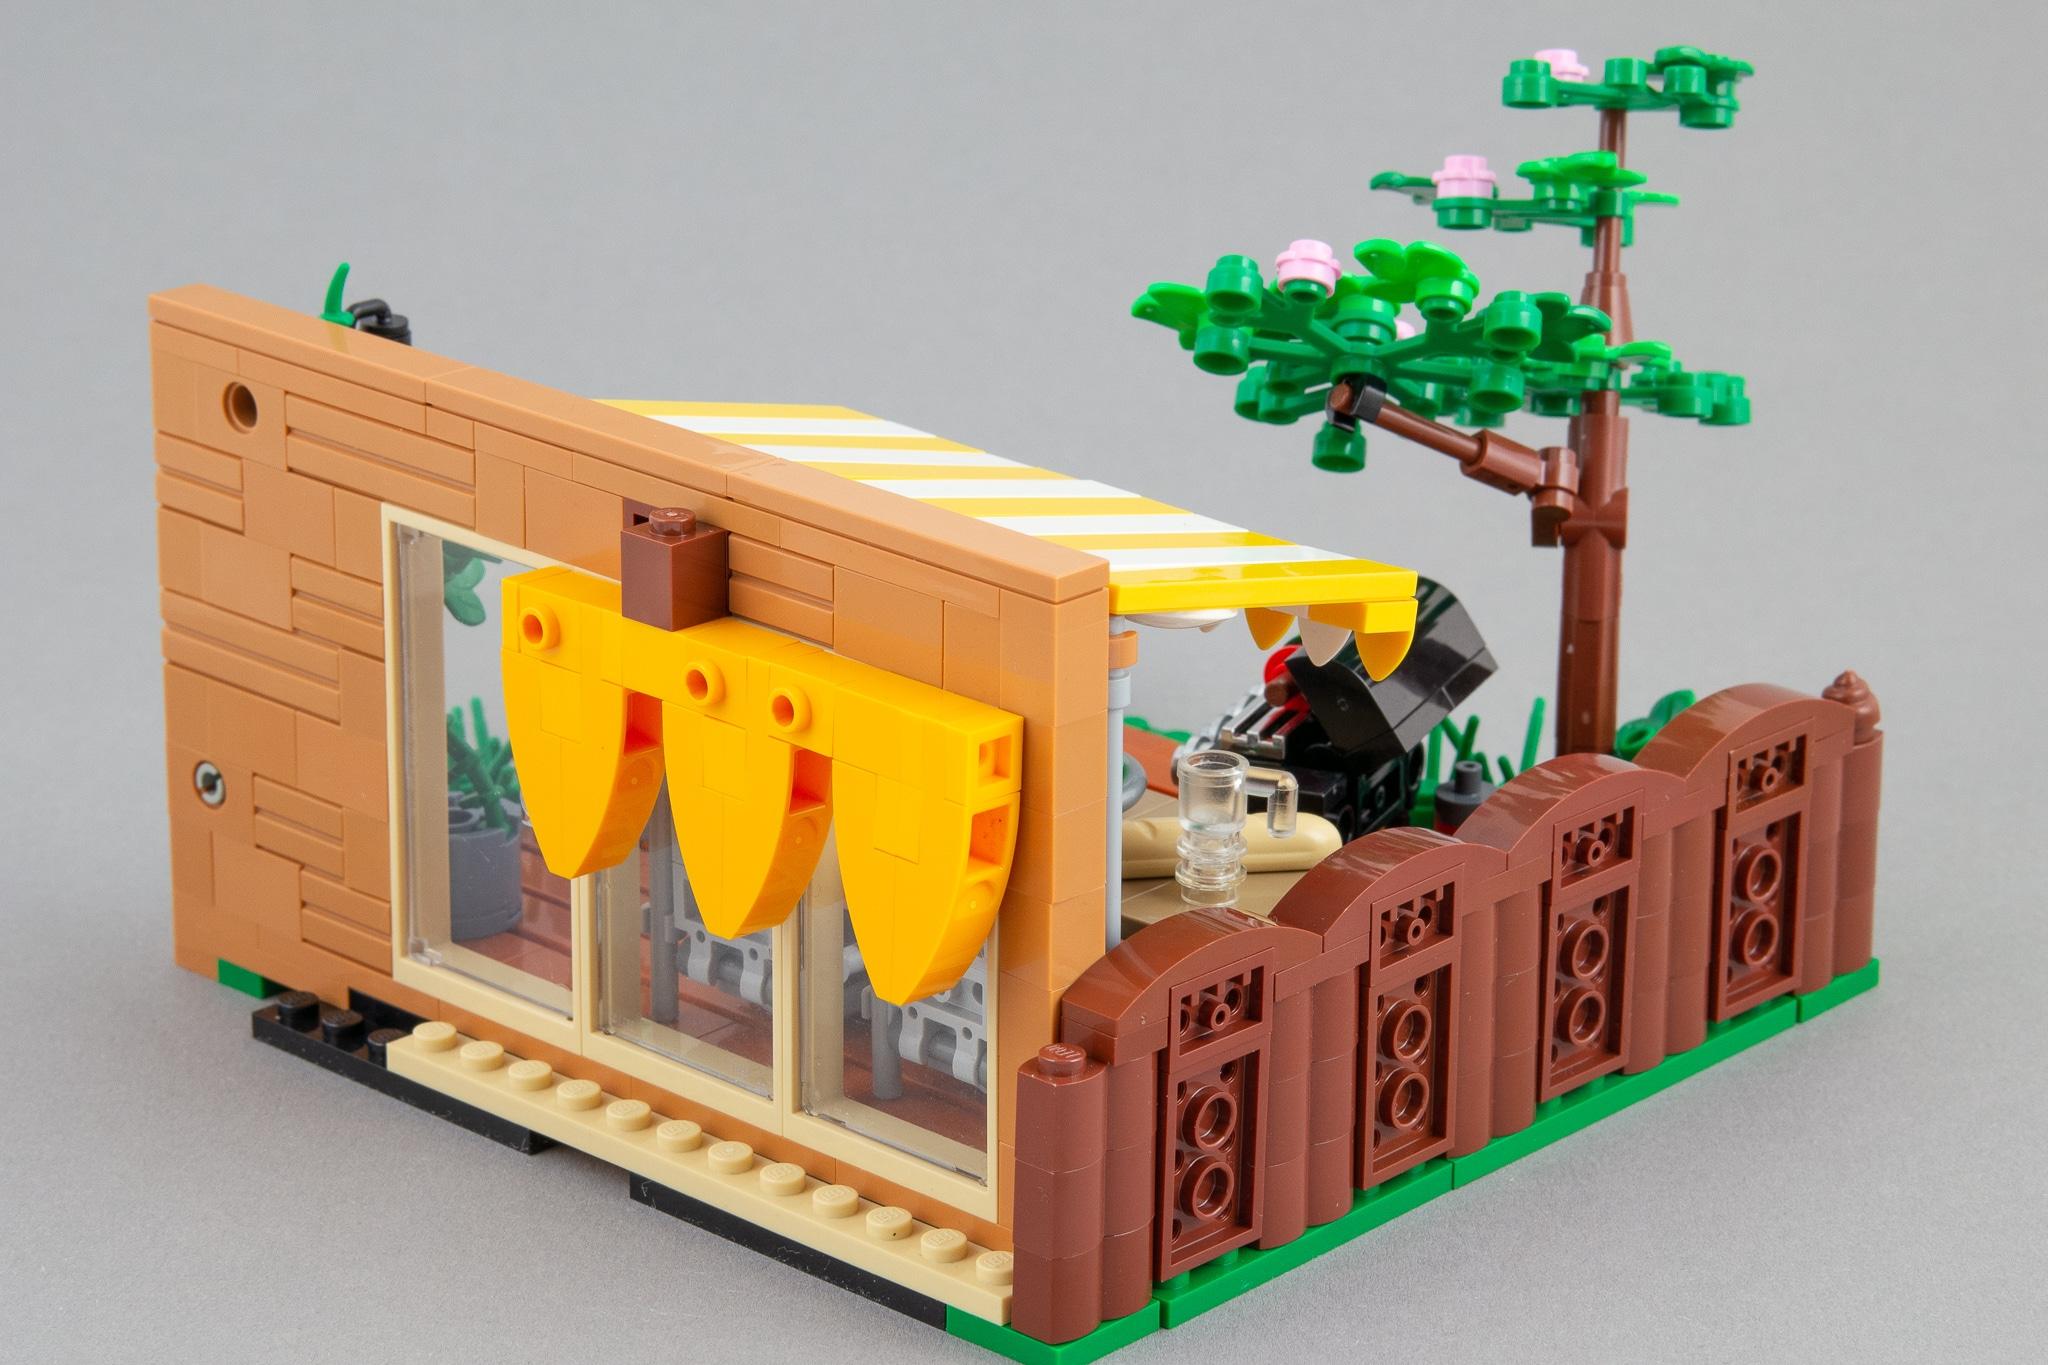 LEGO Terrasse Moc Grillen Rueckseite